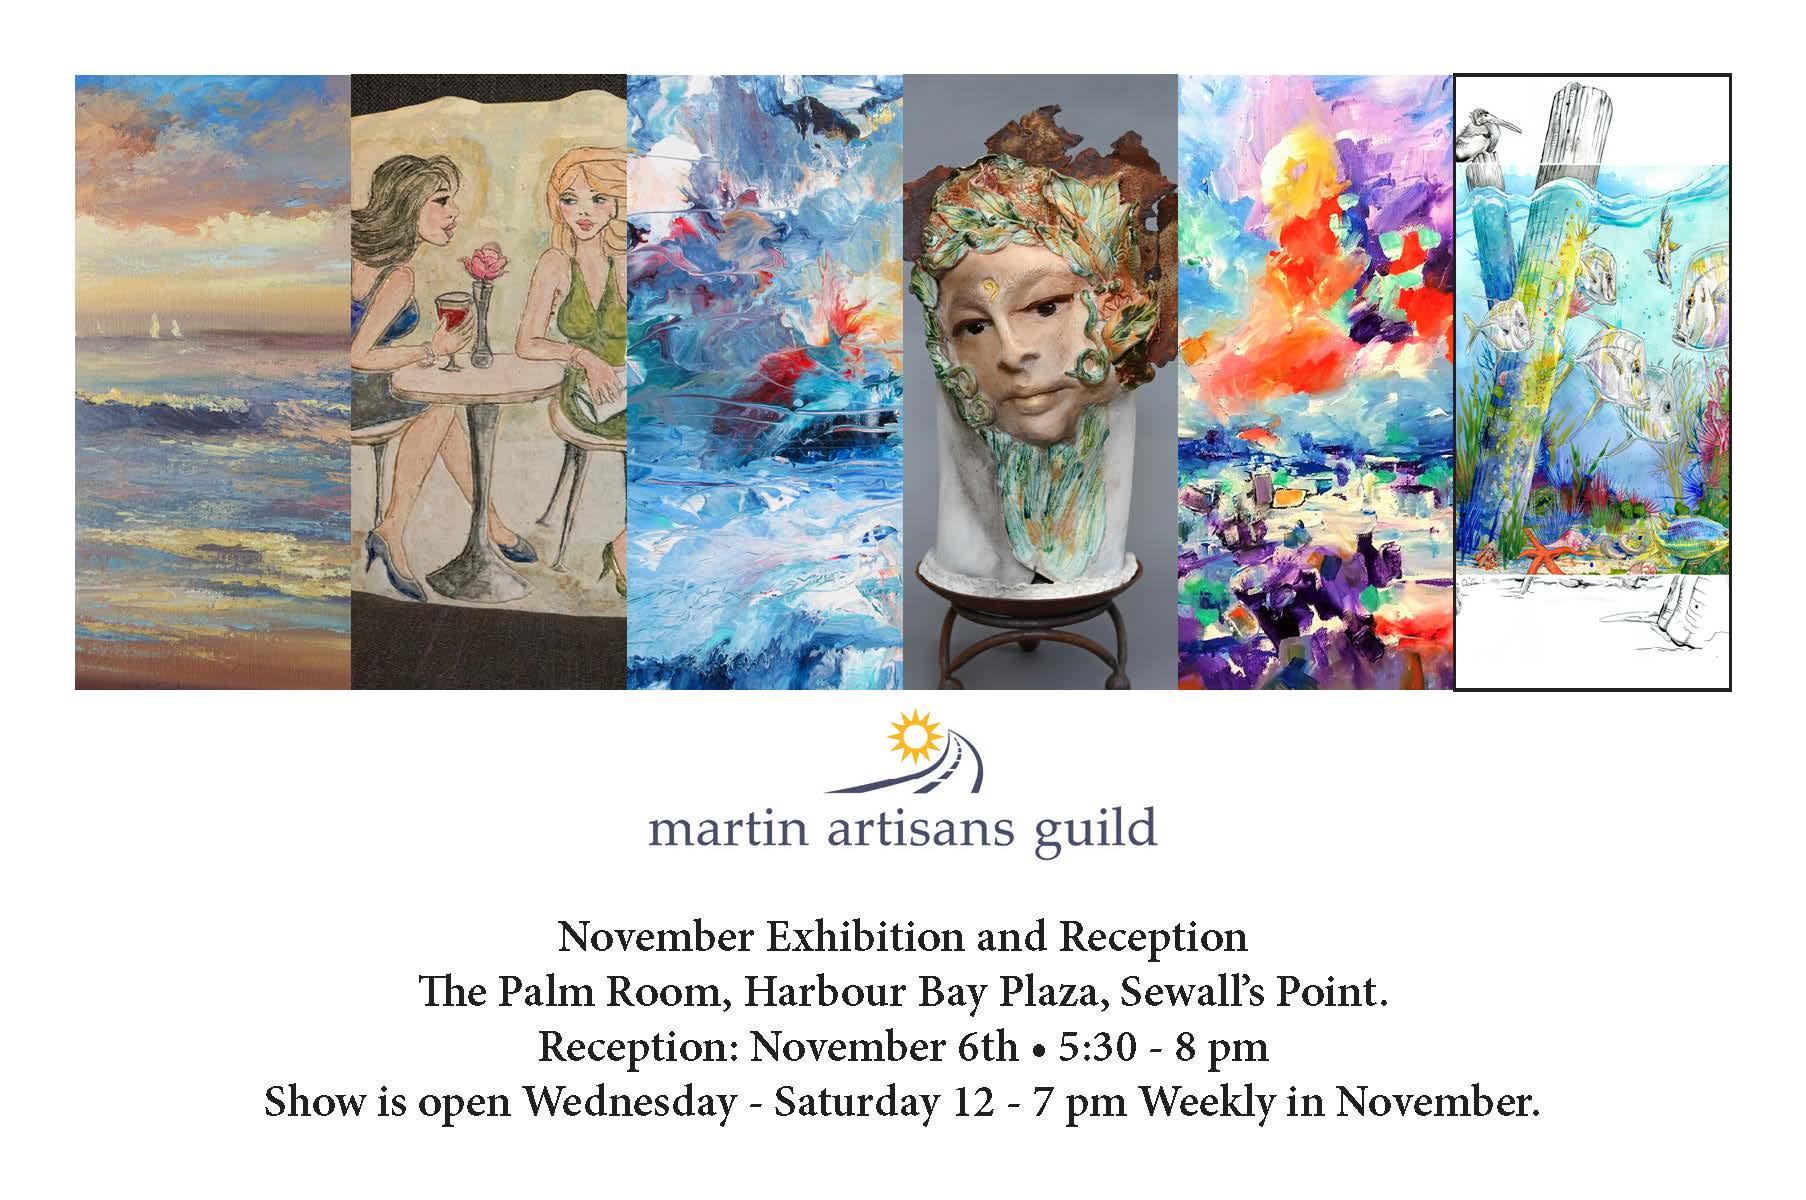 Martin Artisans Guild: November Exhibition